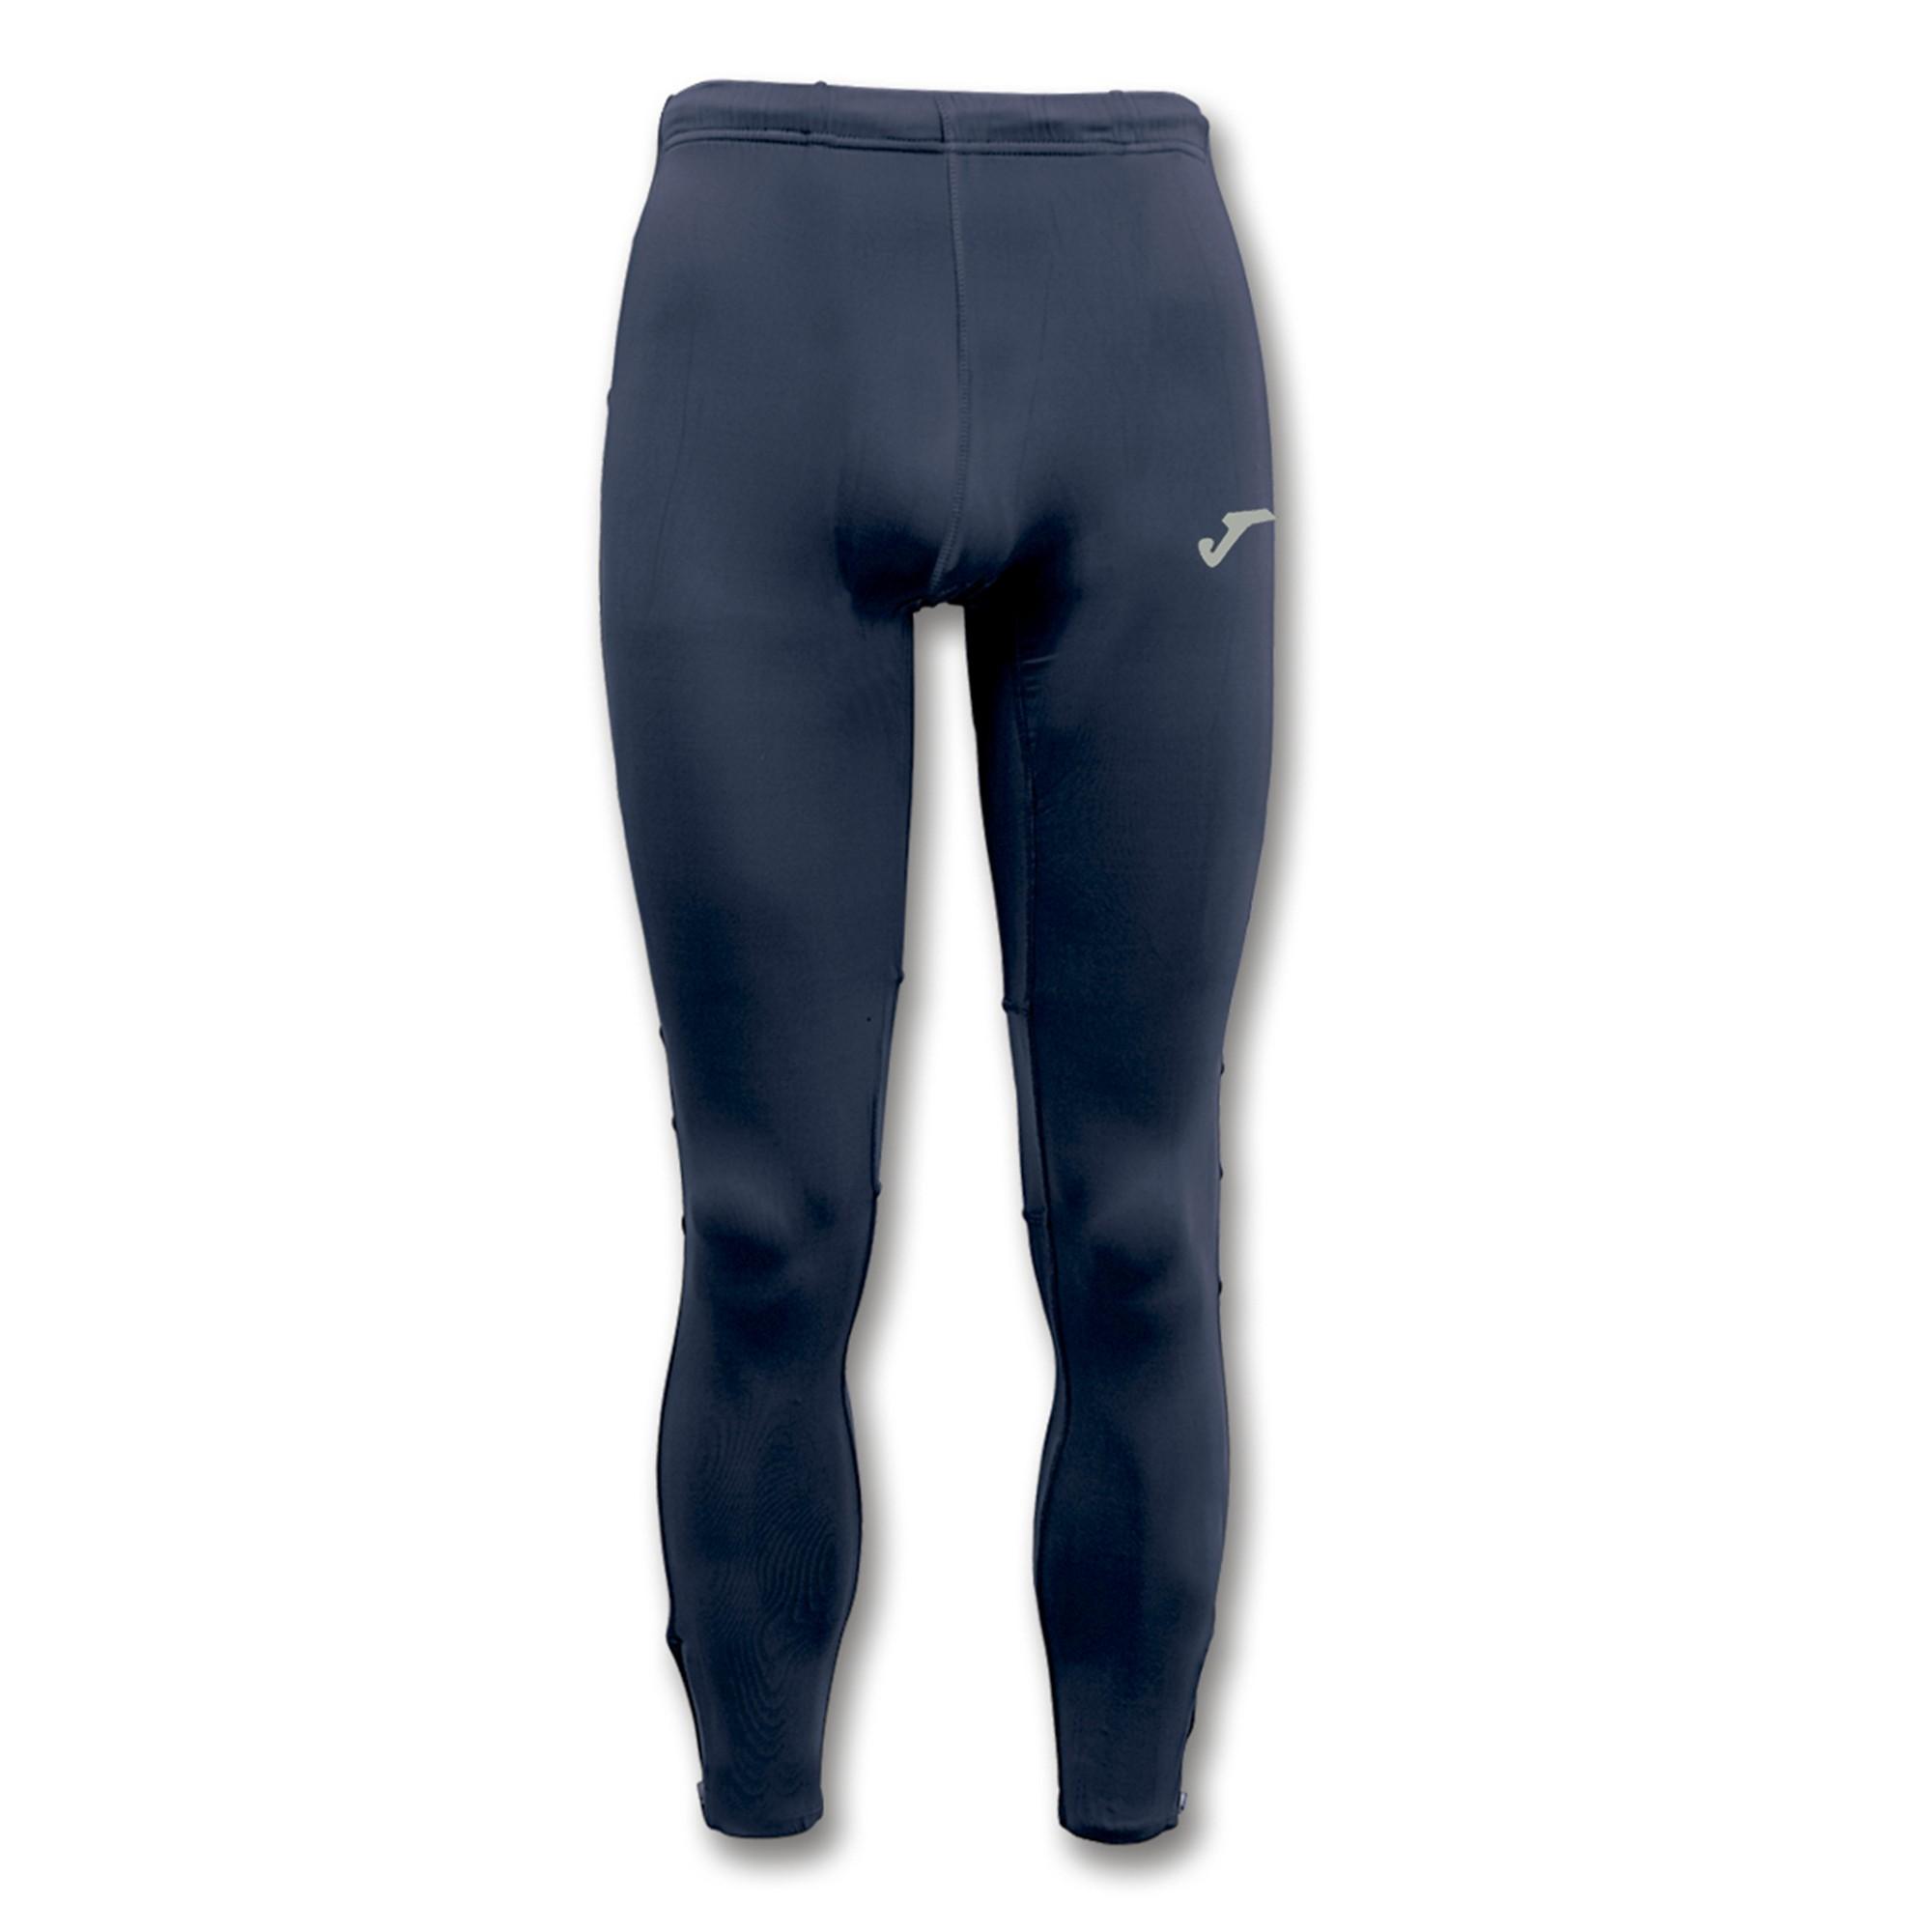 męskie spodnie elastyczne joma olimpia